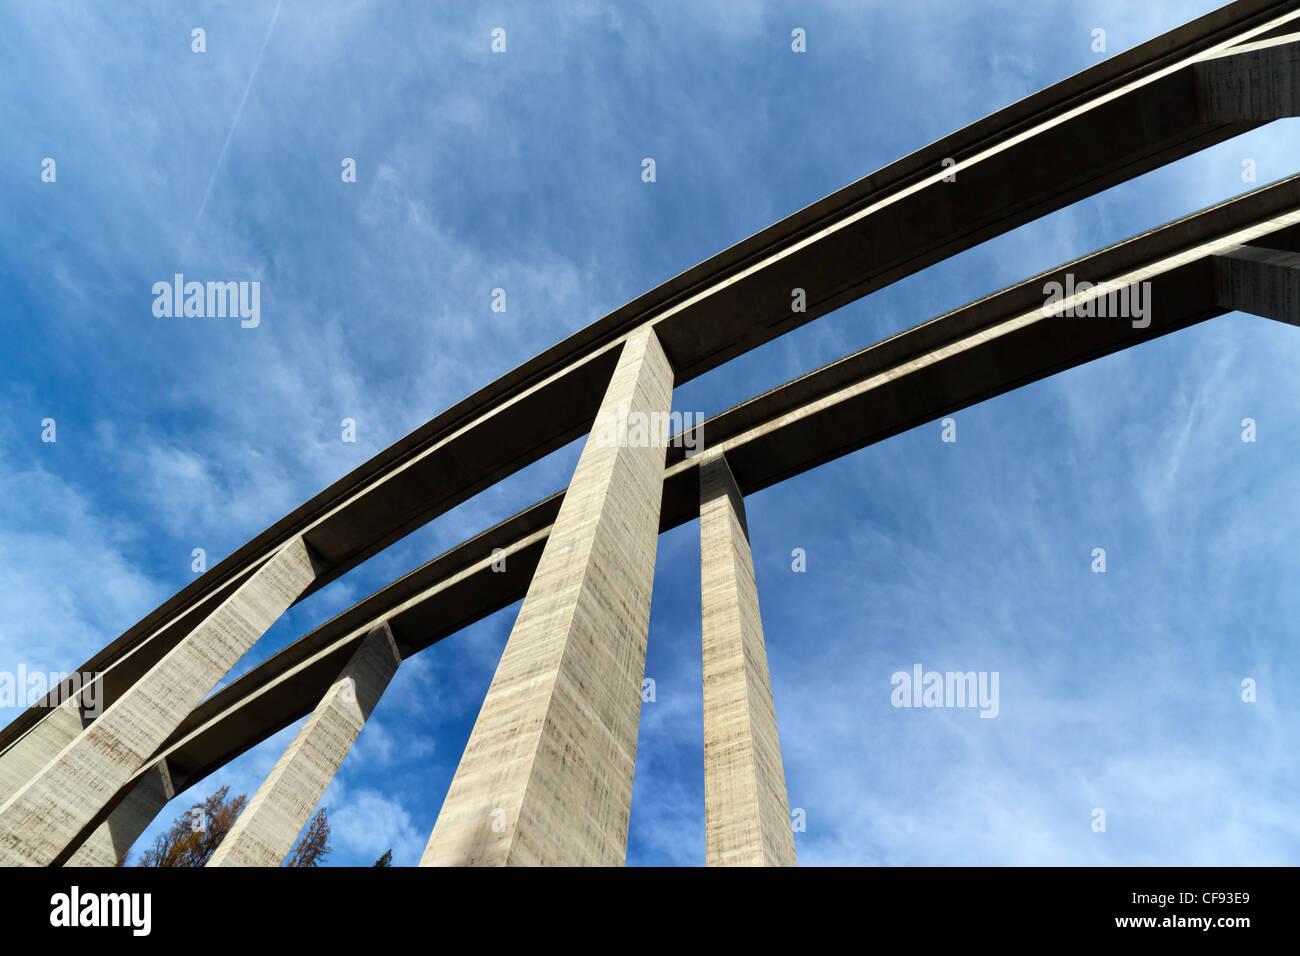 Eine hohe Autobahnbrücke mit betonierten Pfeilern von unten gesehen Stock Photo